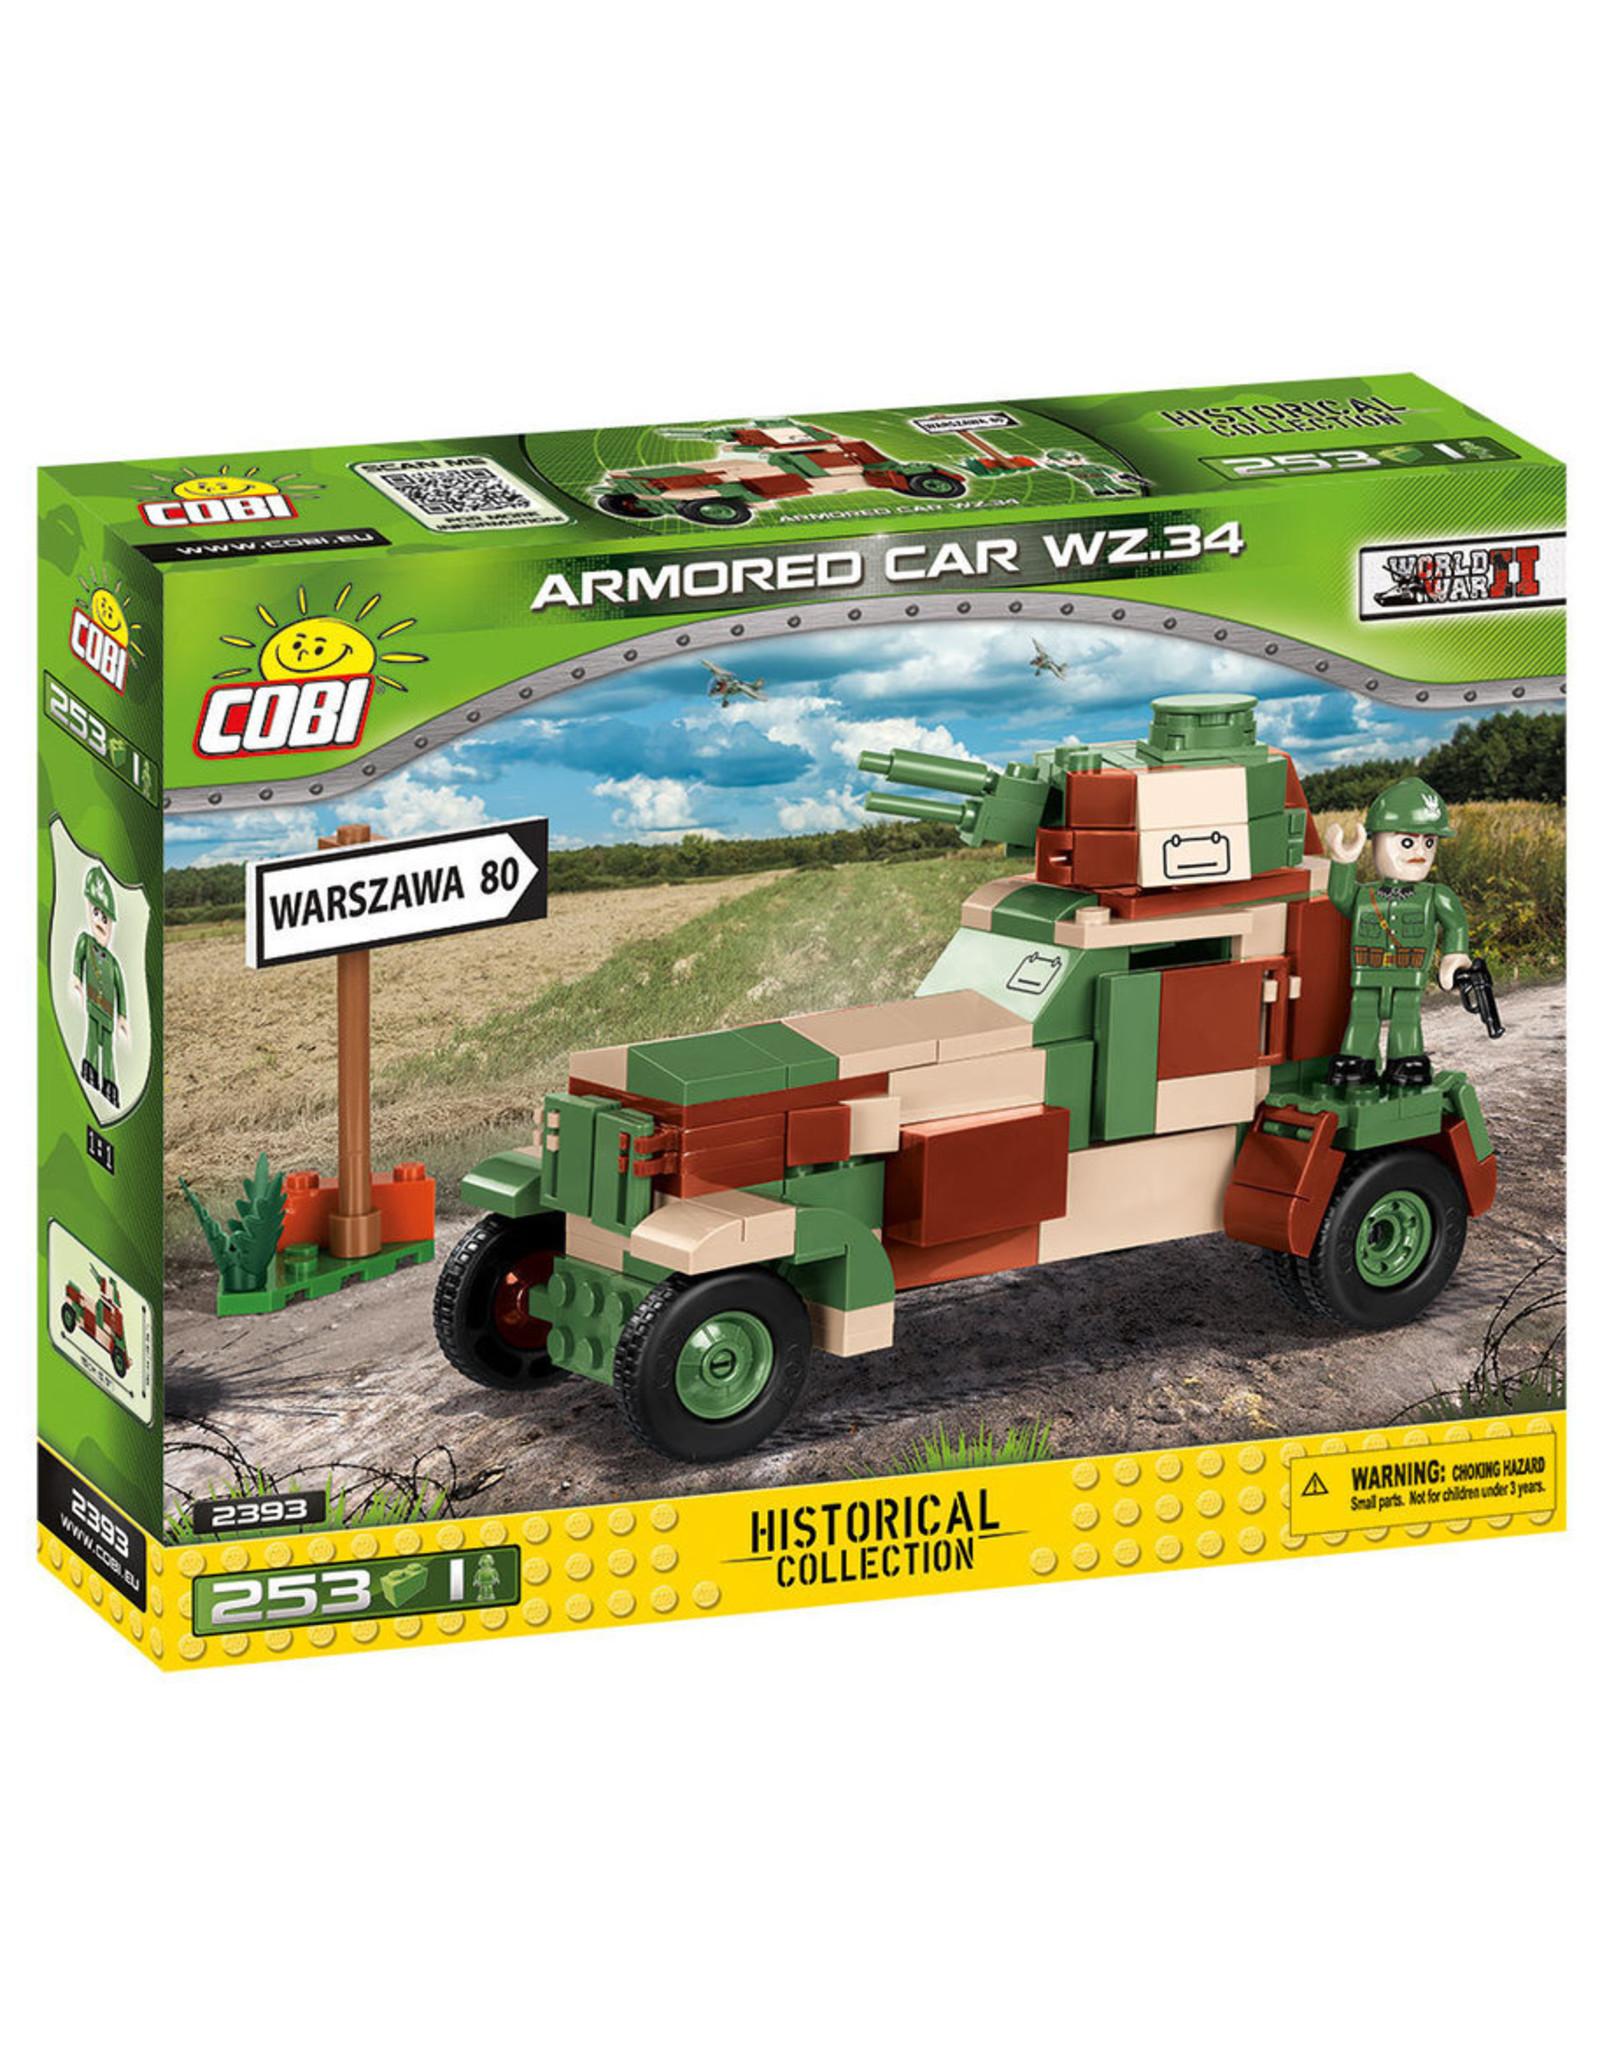 COBI COBI WW2 2393 - Armored Car WZ.34